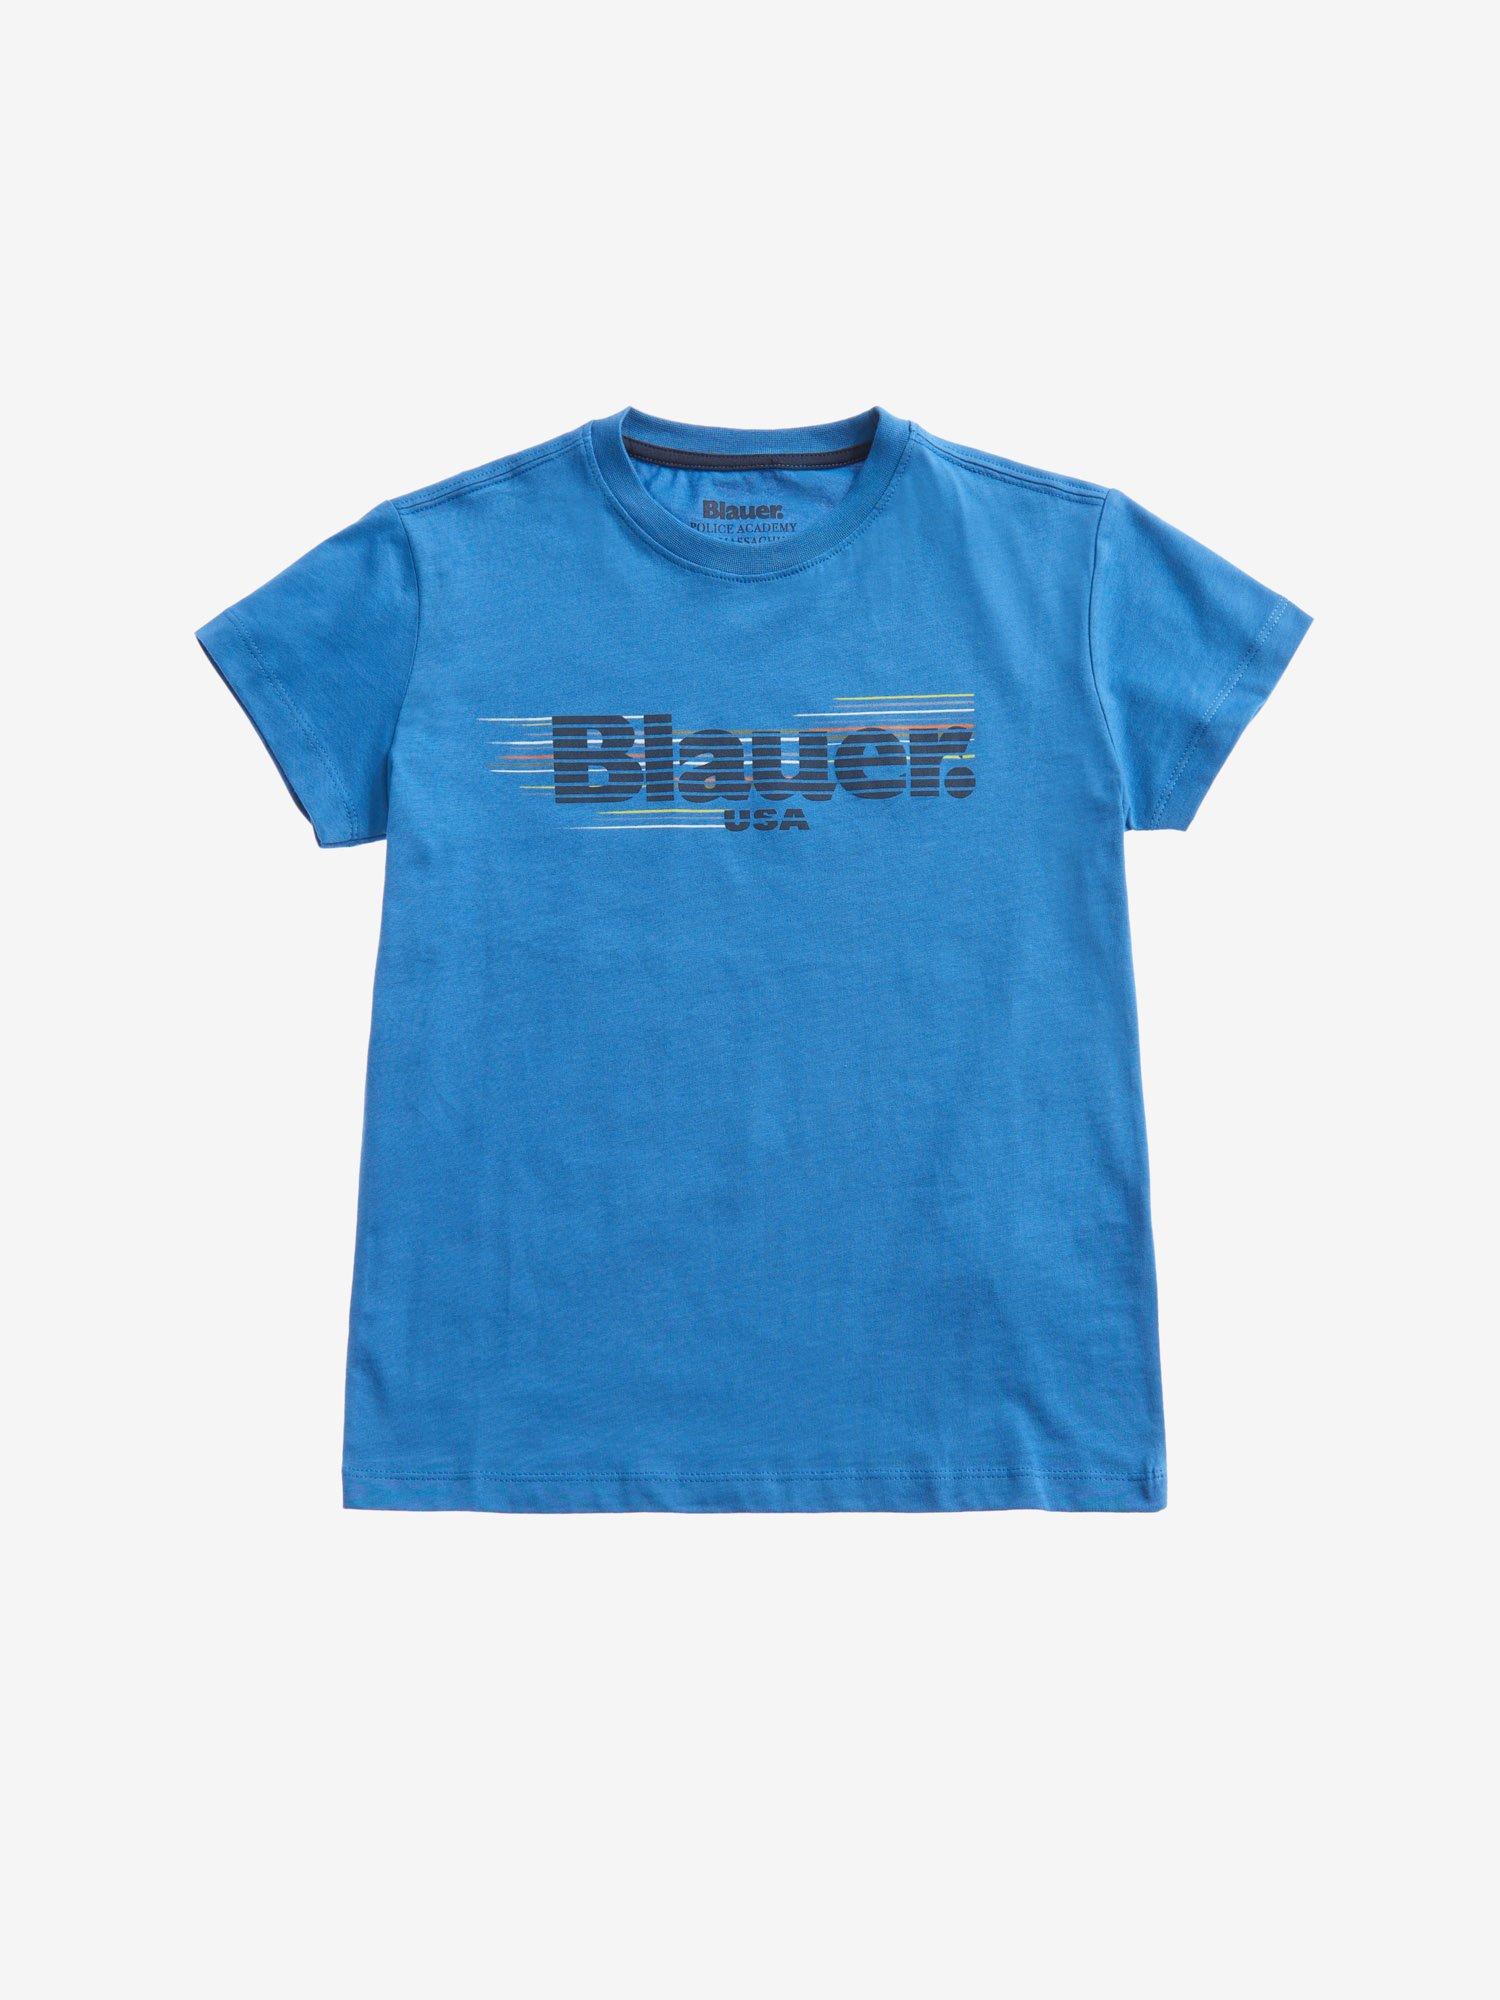 Blauer - T-SHIRT POUR GARÇON RAYÉ BLAUER - Light Sapphire Blue - Blauer